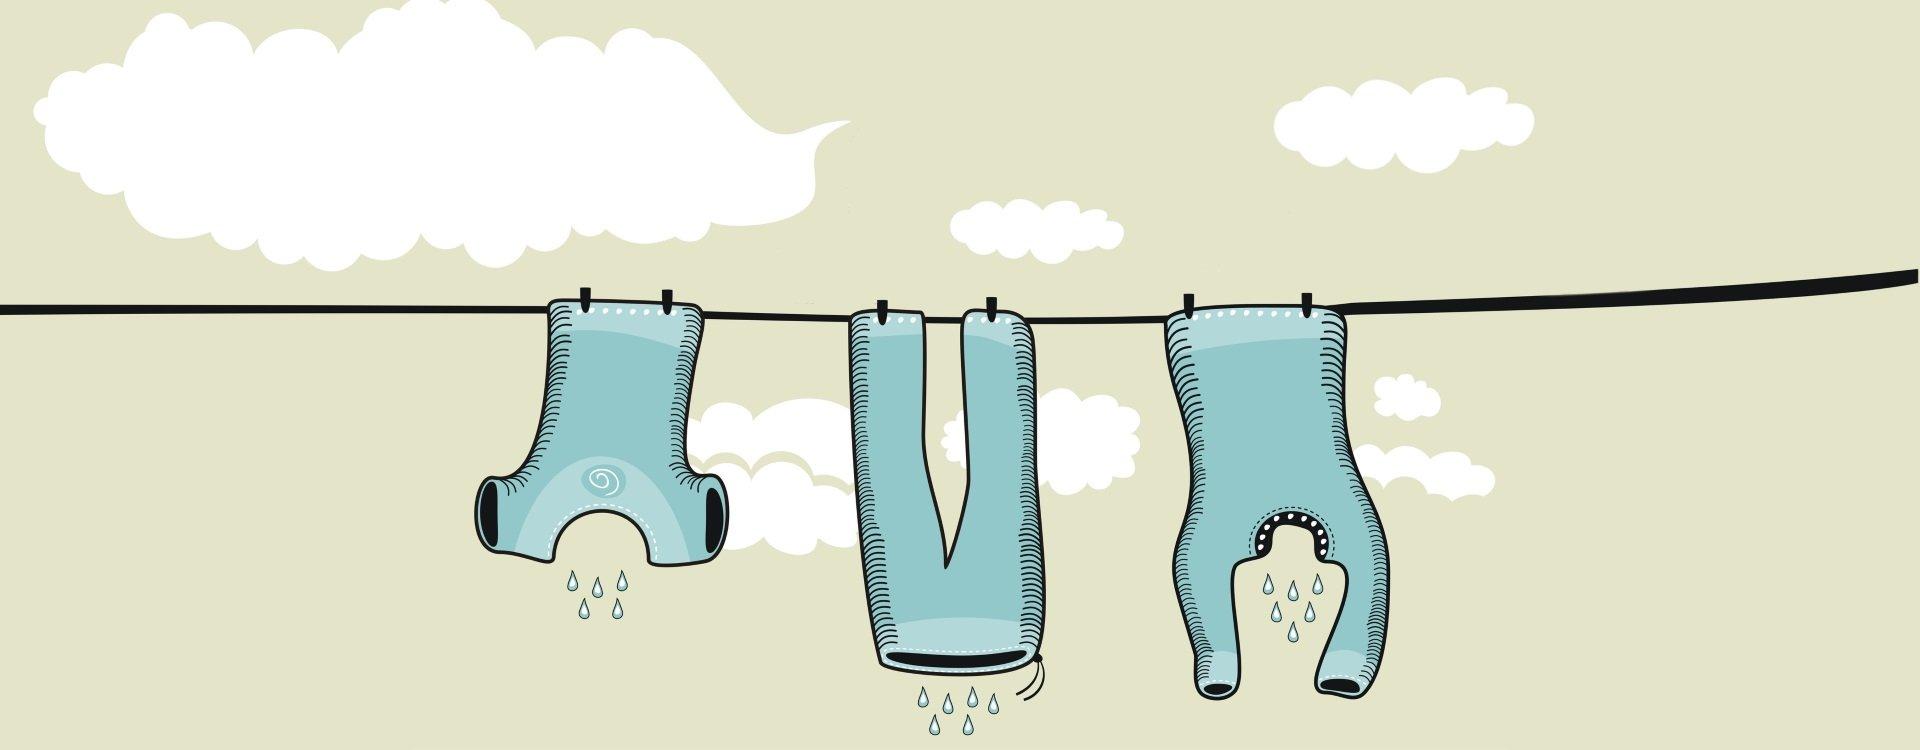 Perfekt deine Wäsche waschen